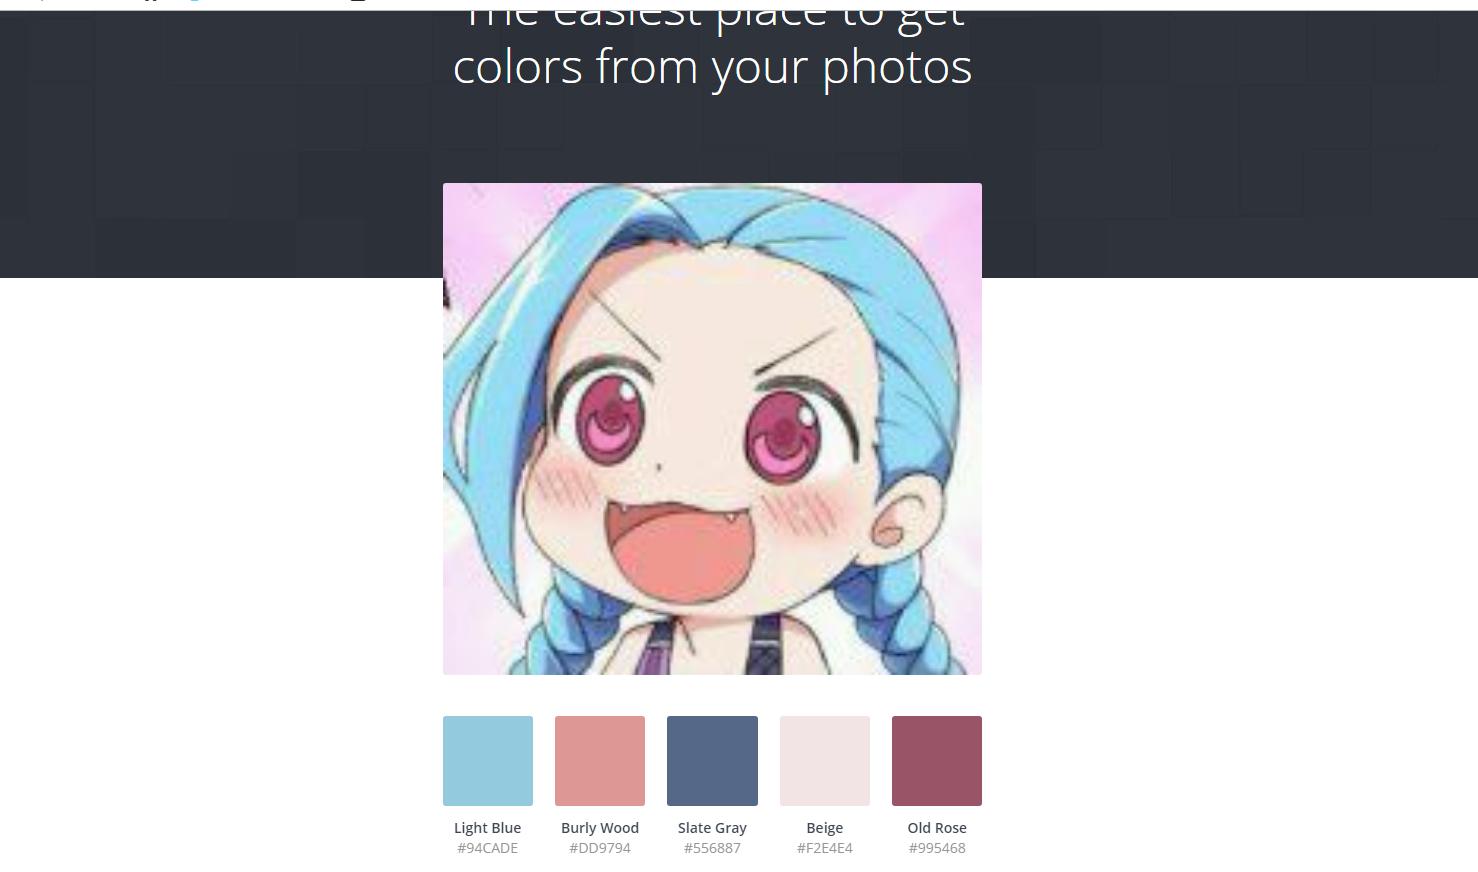 缺少配色灵感,整理超全超赞的配色工具帮你-第20张图片-木头资源网